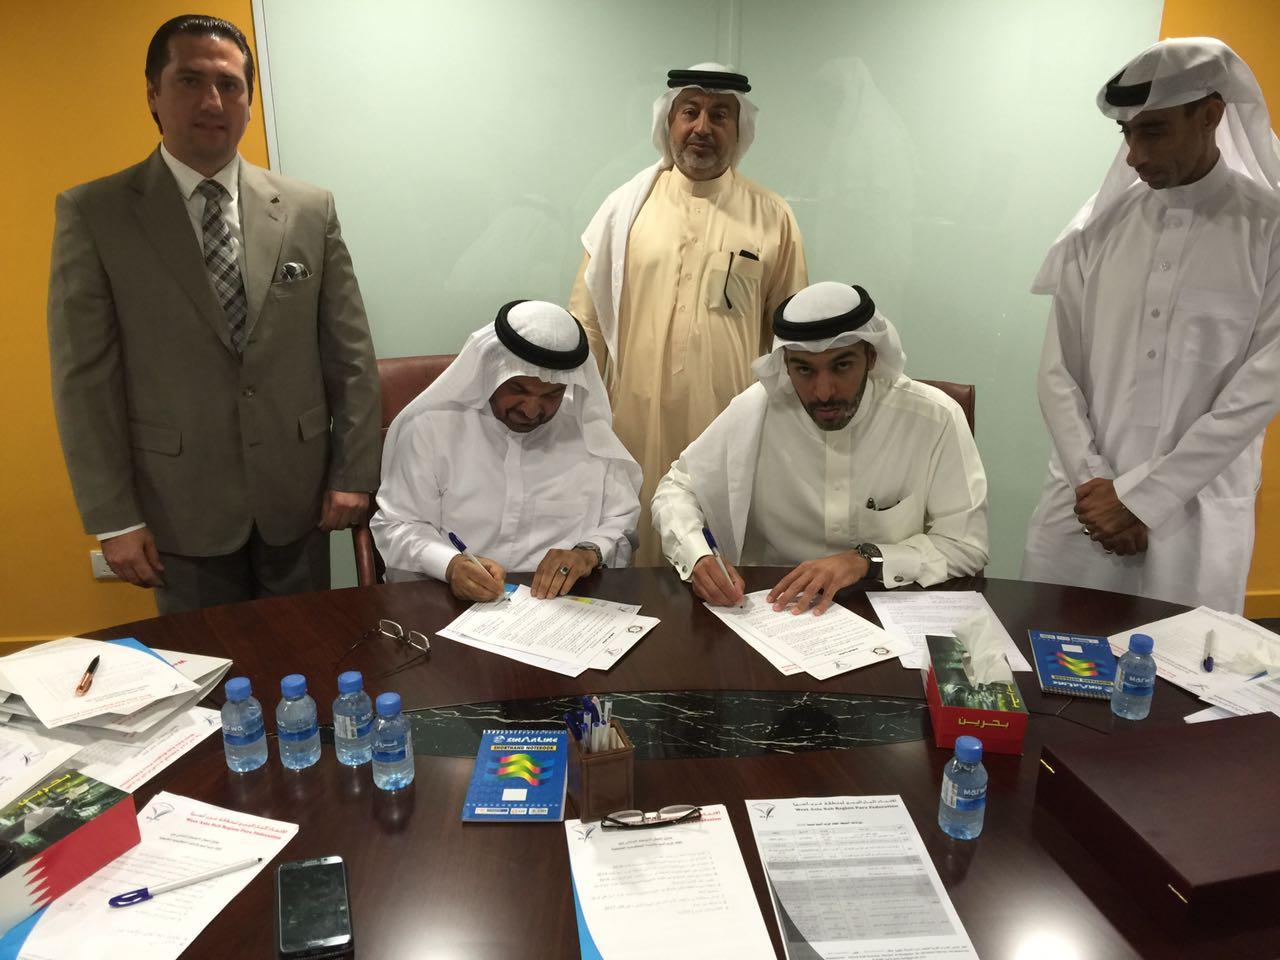 بروتوكول تعاون مشترك بين اتحاد غرب آسيا واللجنة التنظيمية لرياضة المعاقين الخليجية البحرين - المنامة 1 أكتوبر 2016